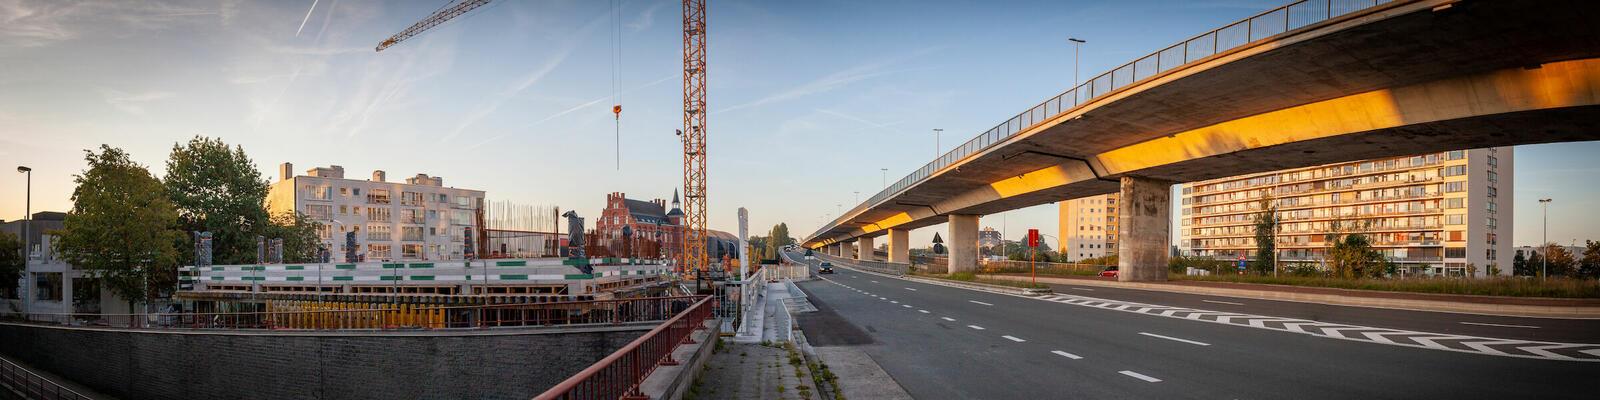 Parking Speurder in Ledeberg